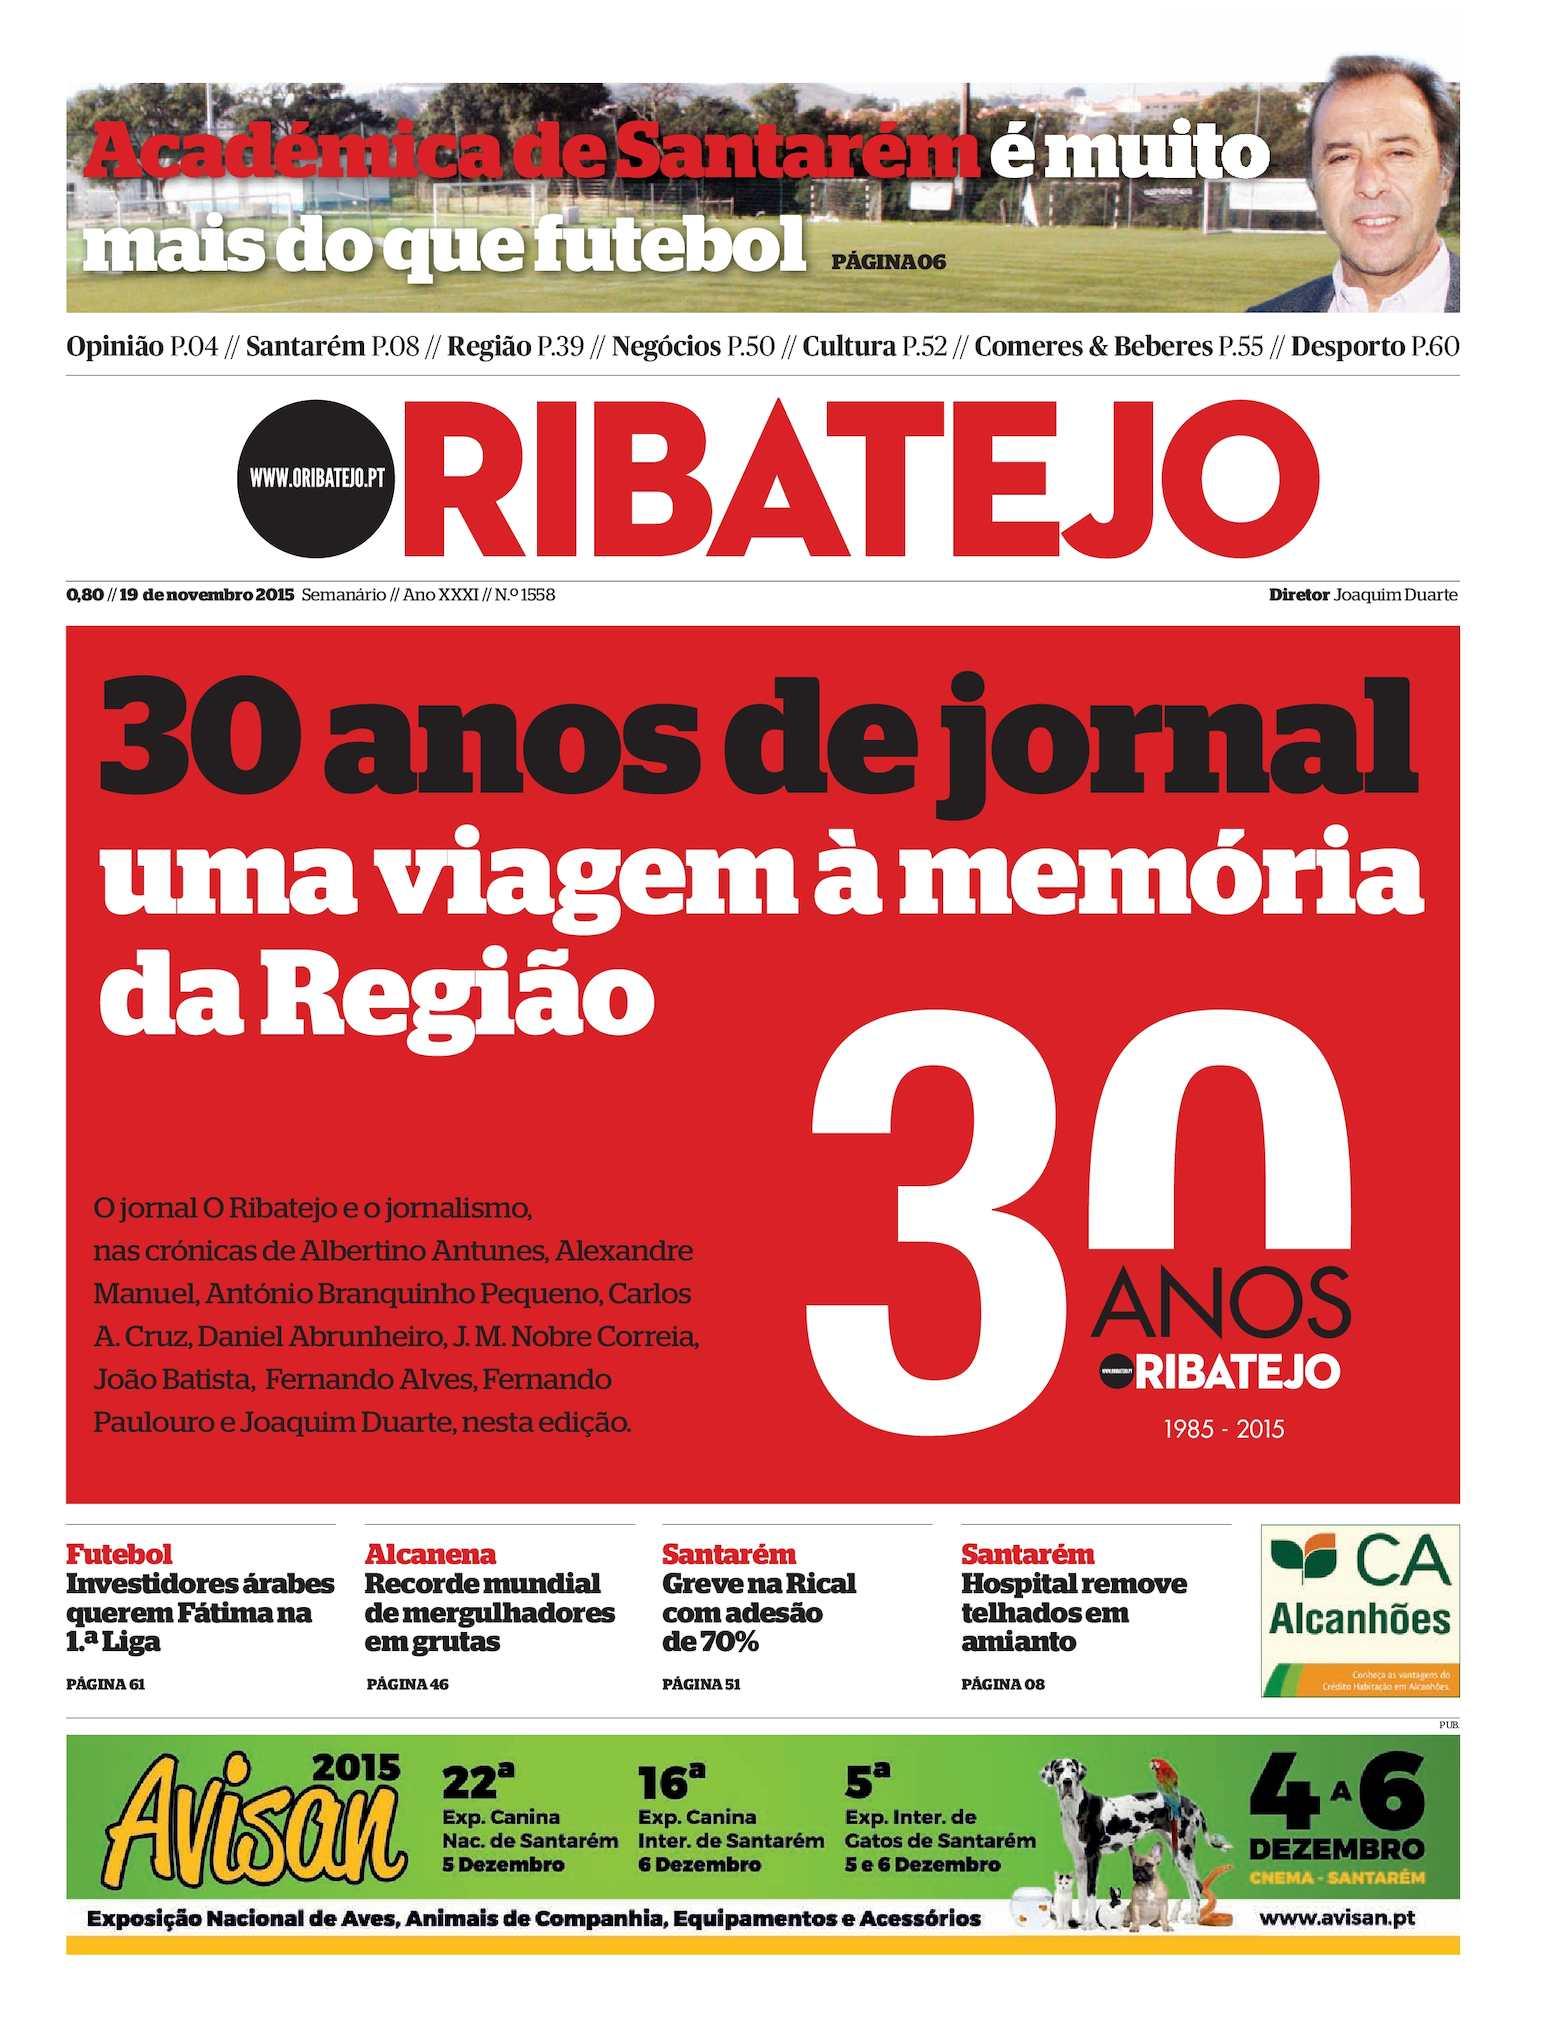 Calaméo - Edição 1558 do Jornal O Ribatejo - 19 de Novembro de 2015 4ceb8f8825887